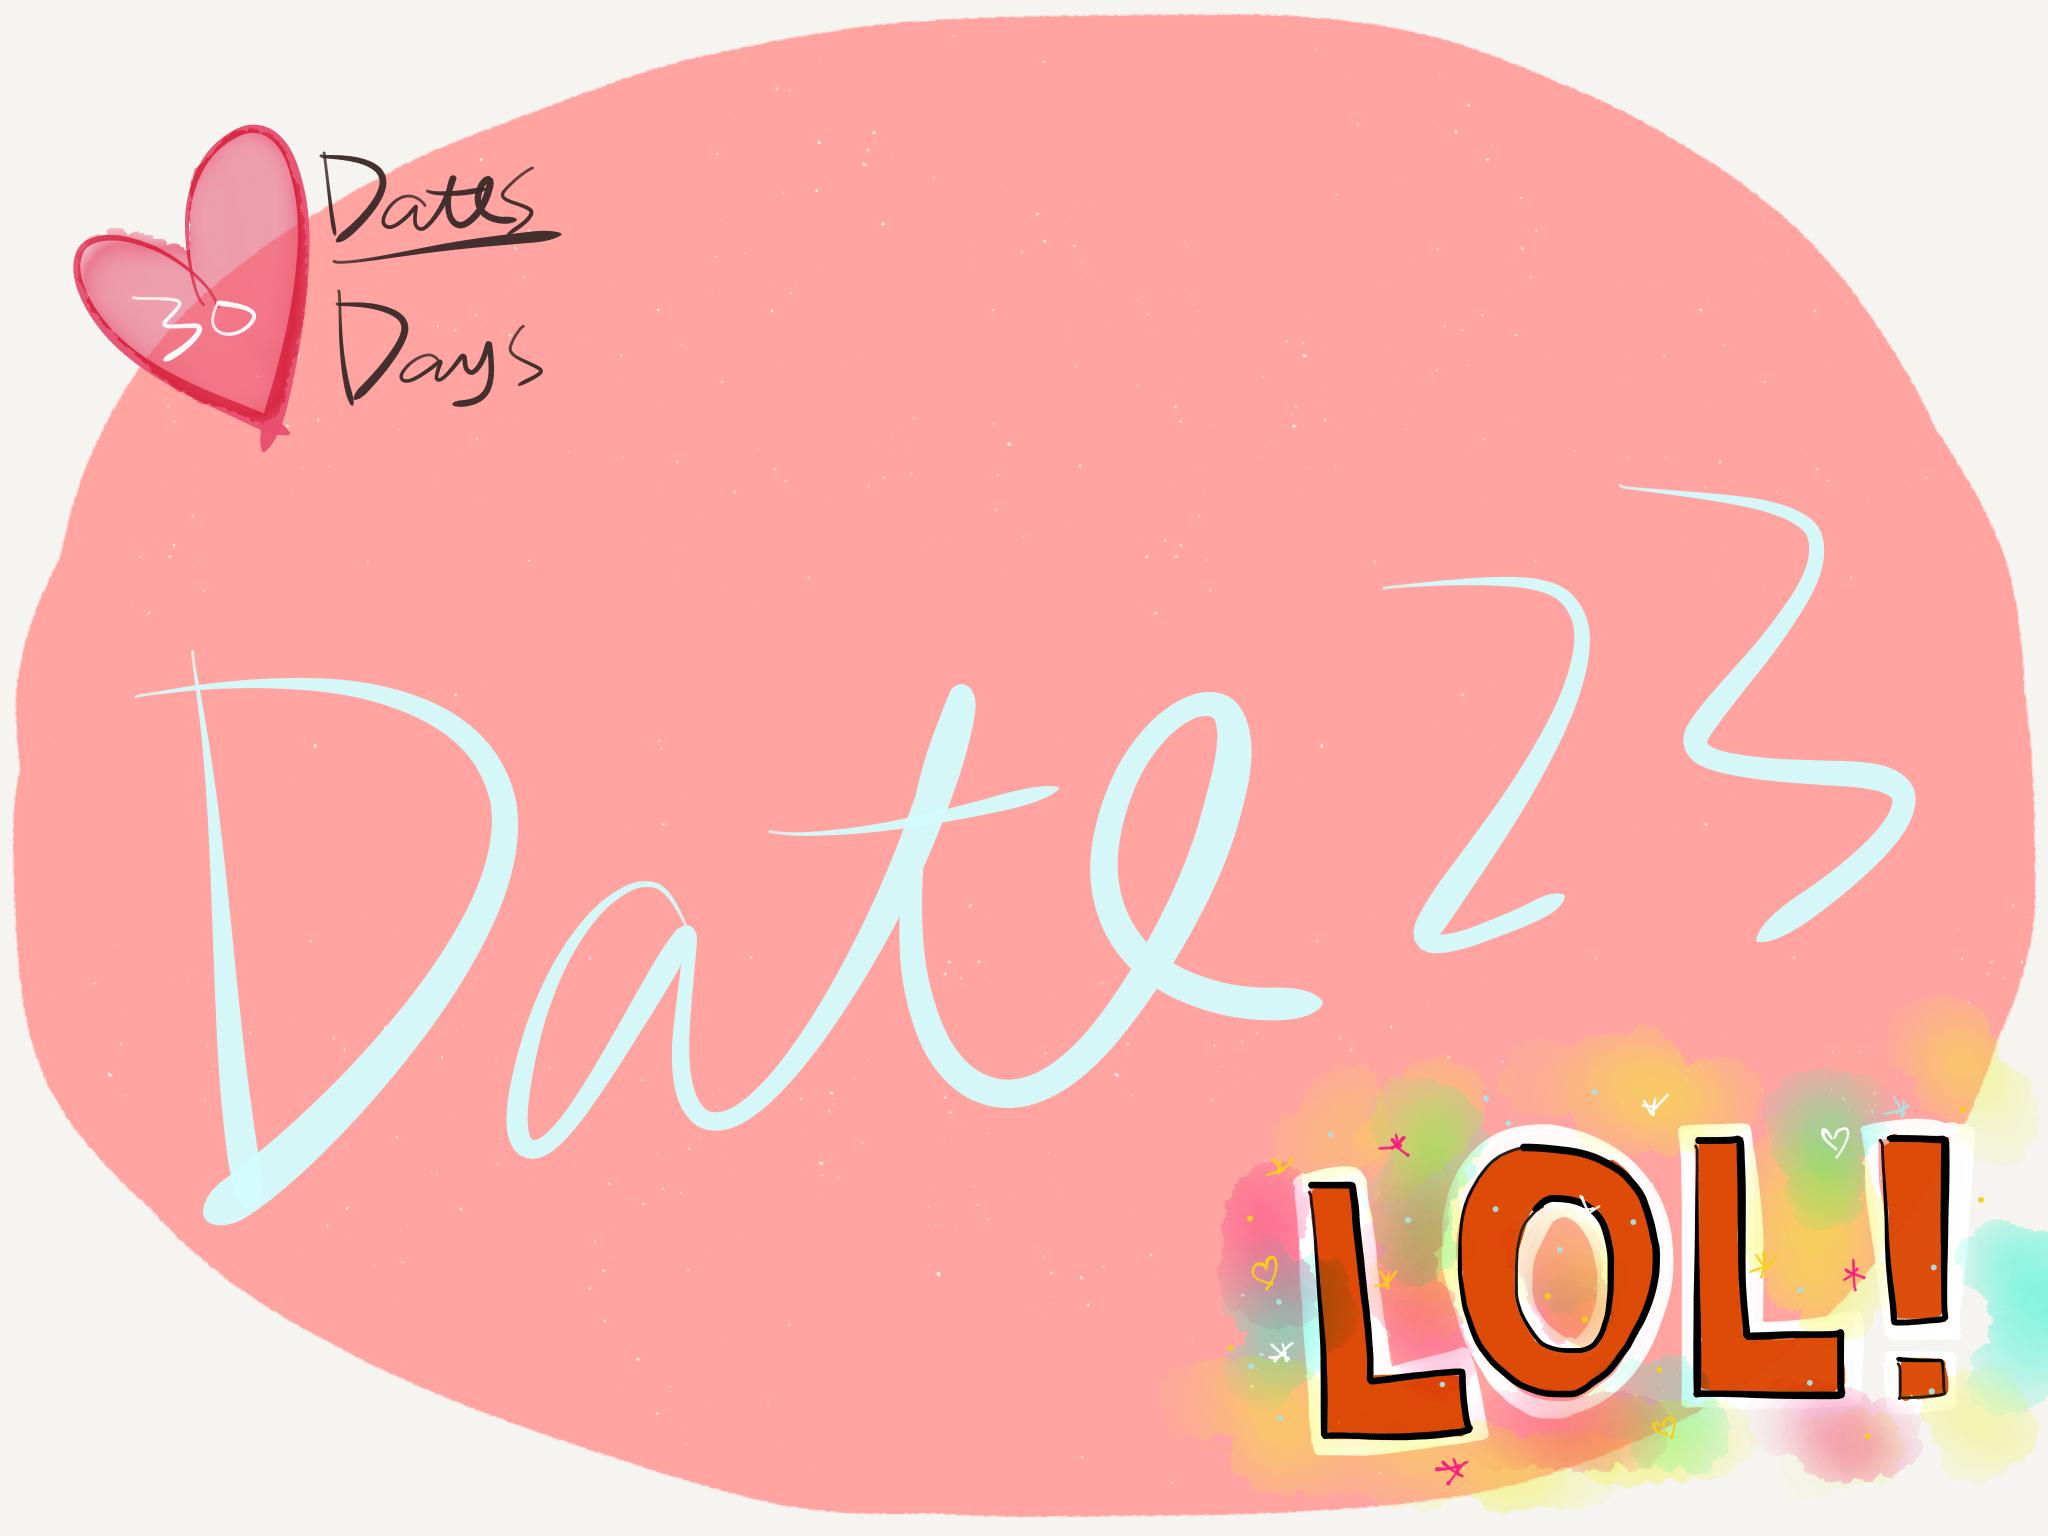 30 Dates - 26